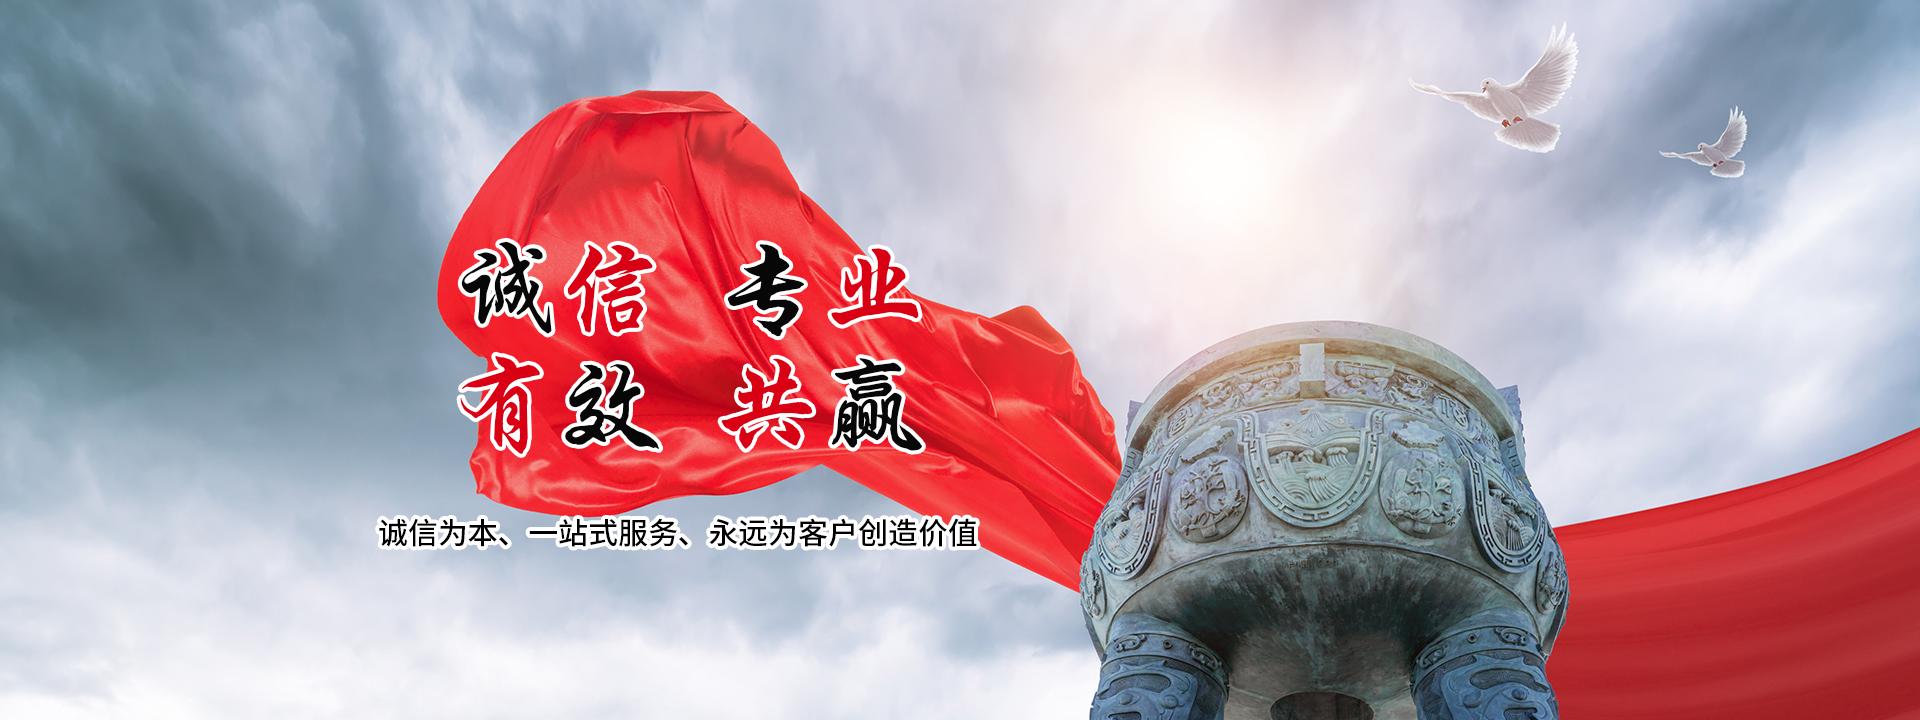 龙岩市苏正工贸有限公司